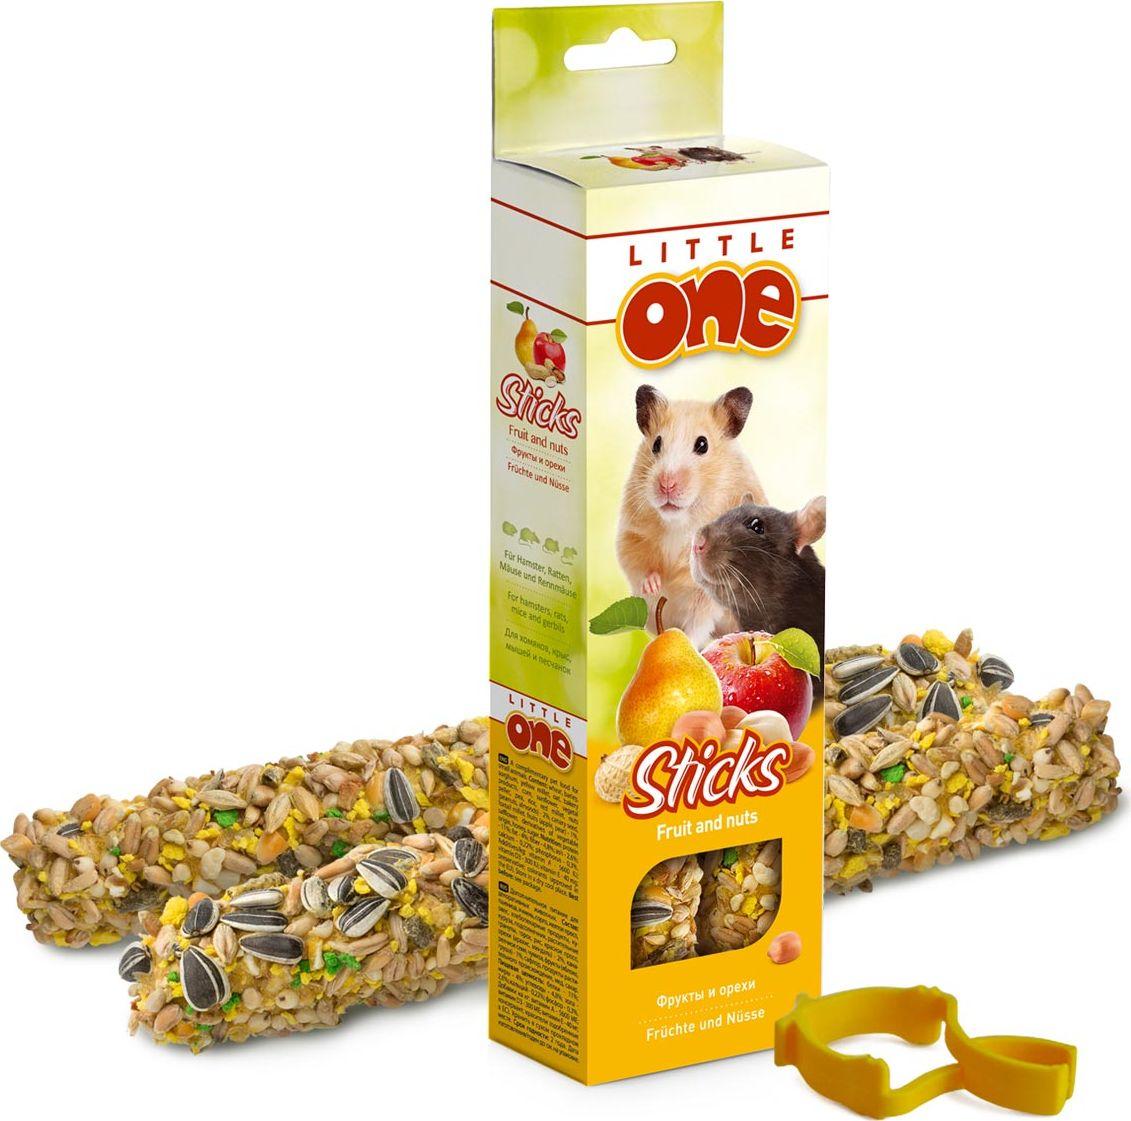 Лакомство для хомяков, крыс, мышей и песчанок Little One Sticks, с фруктами и орехами, 2 х 60 г56828Лакомство Little One Sticks с фруктами и орехами - это дополнительное питание для хомяков, крыс, мышей и песчанок. В процессе производства палочки запекают в специальных печах особым способом, это обеспечивает превосходный вкус и хрустящую консистенцию.Лакомство имеет буковый стержень, который отлично подходит для стачивания зубов.В комплект входит съемный держатель.Товар сертифицирован.